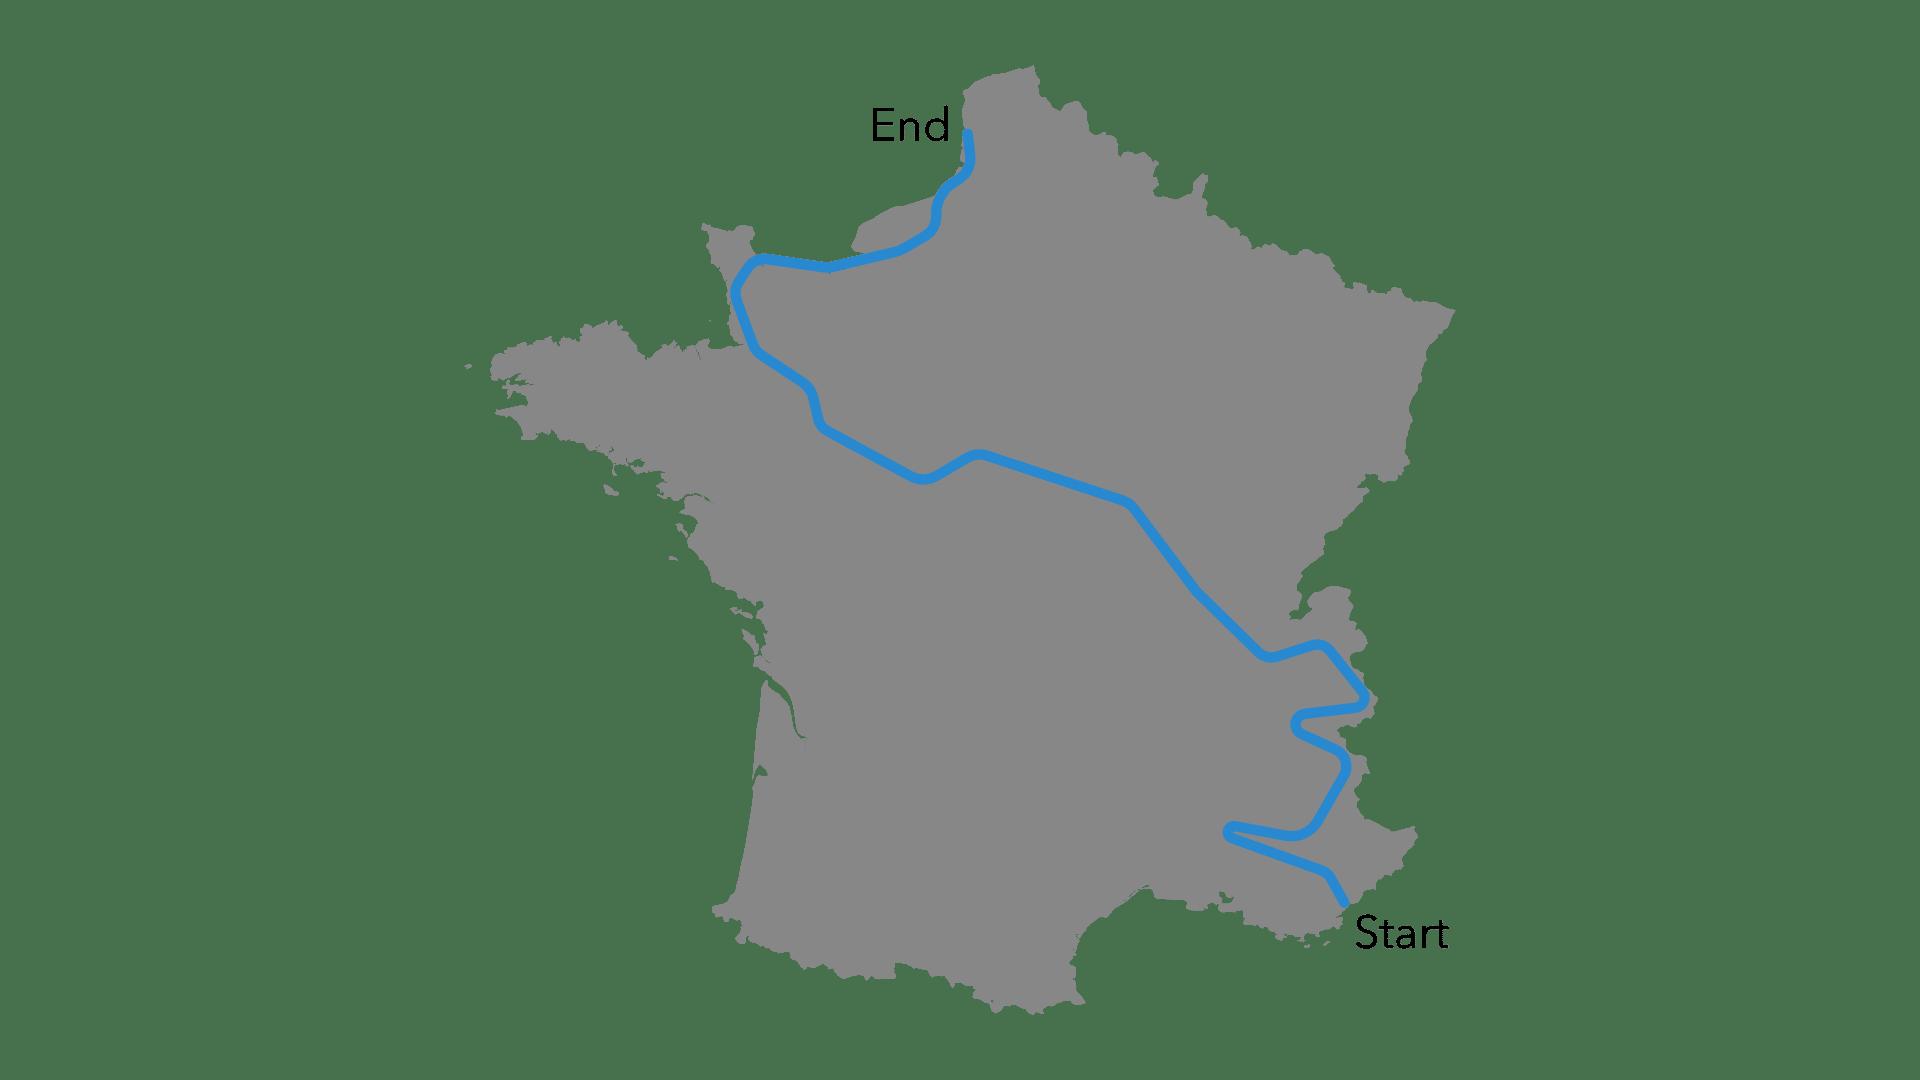 Race Across France Road Map